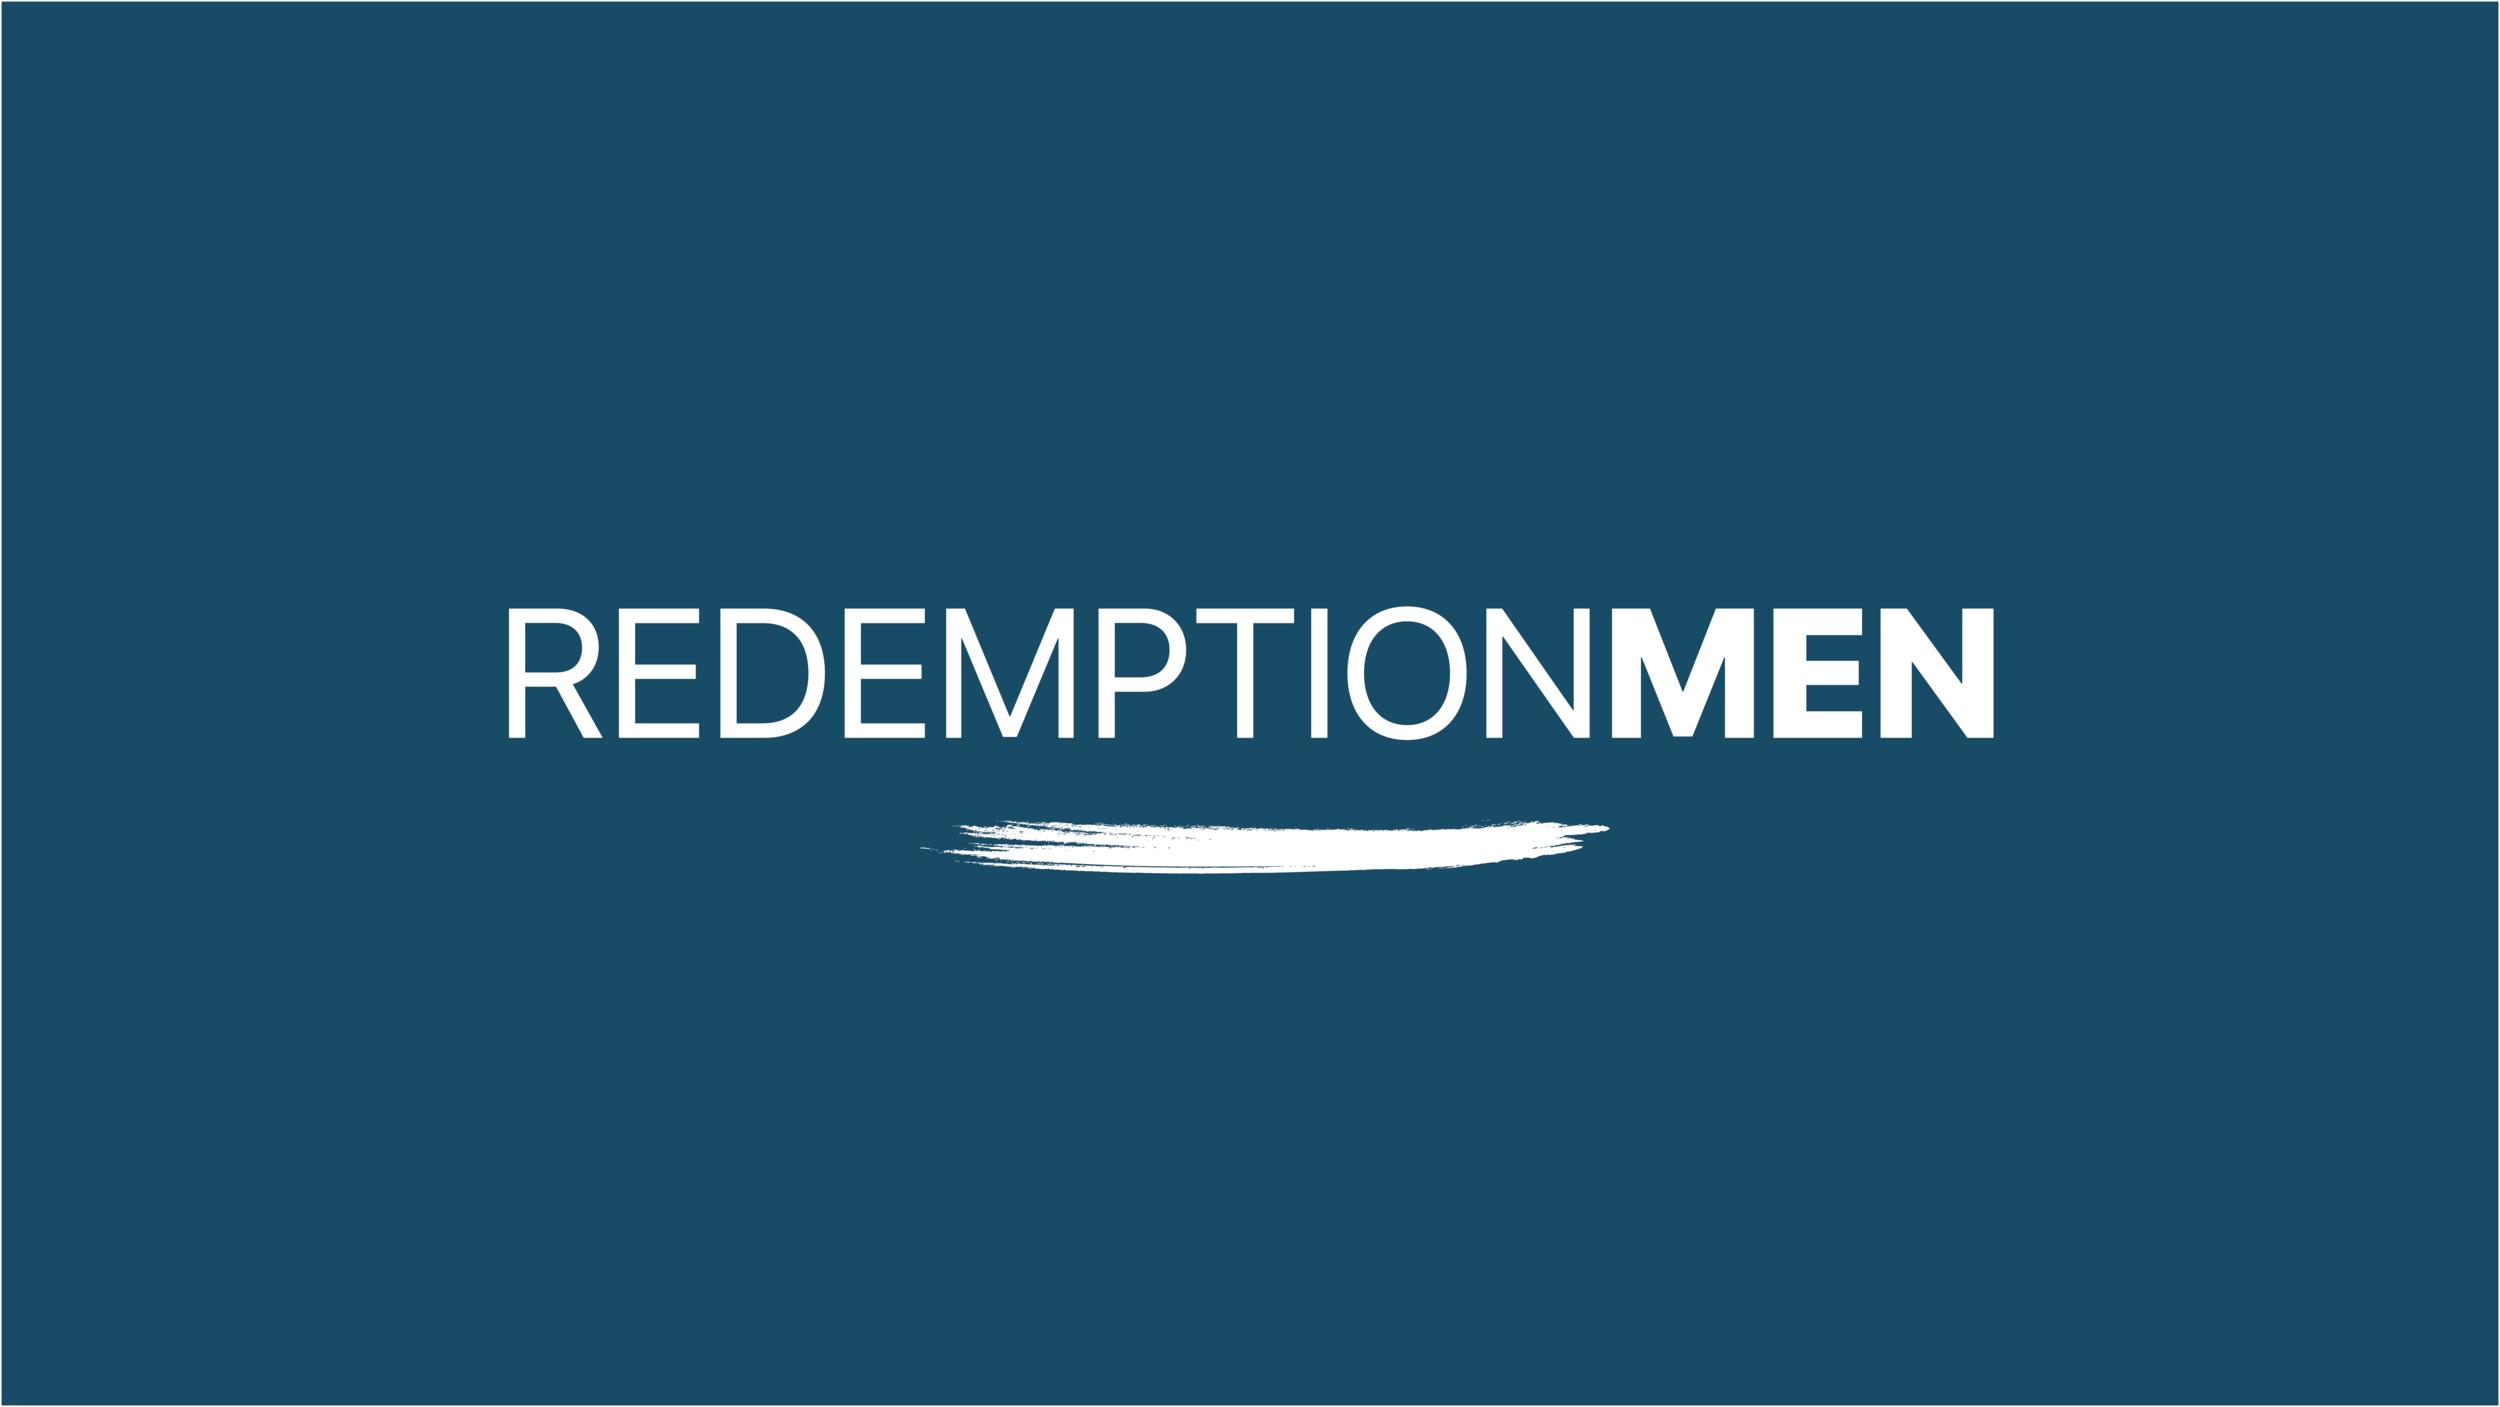 Redemption Men -v2.png